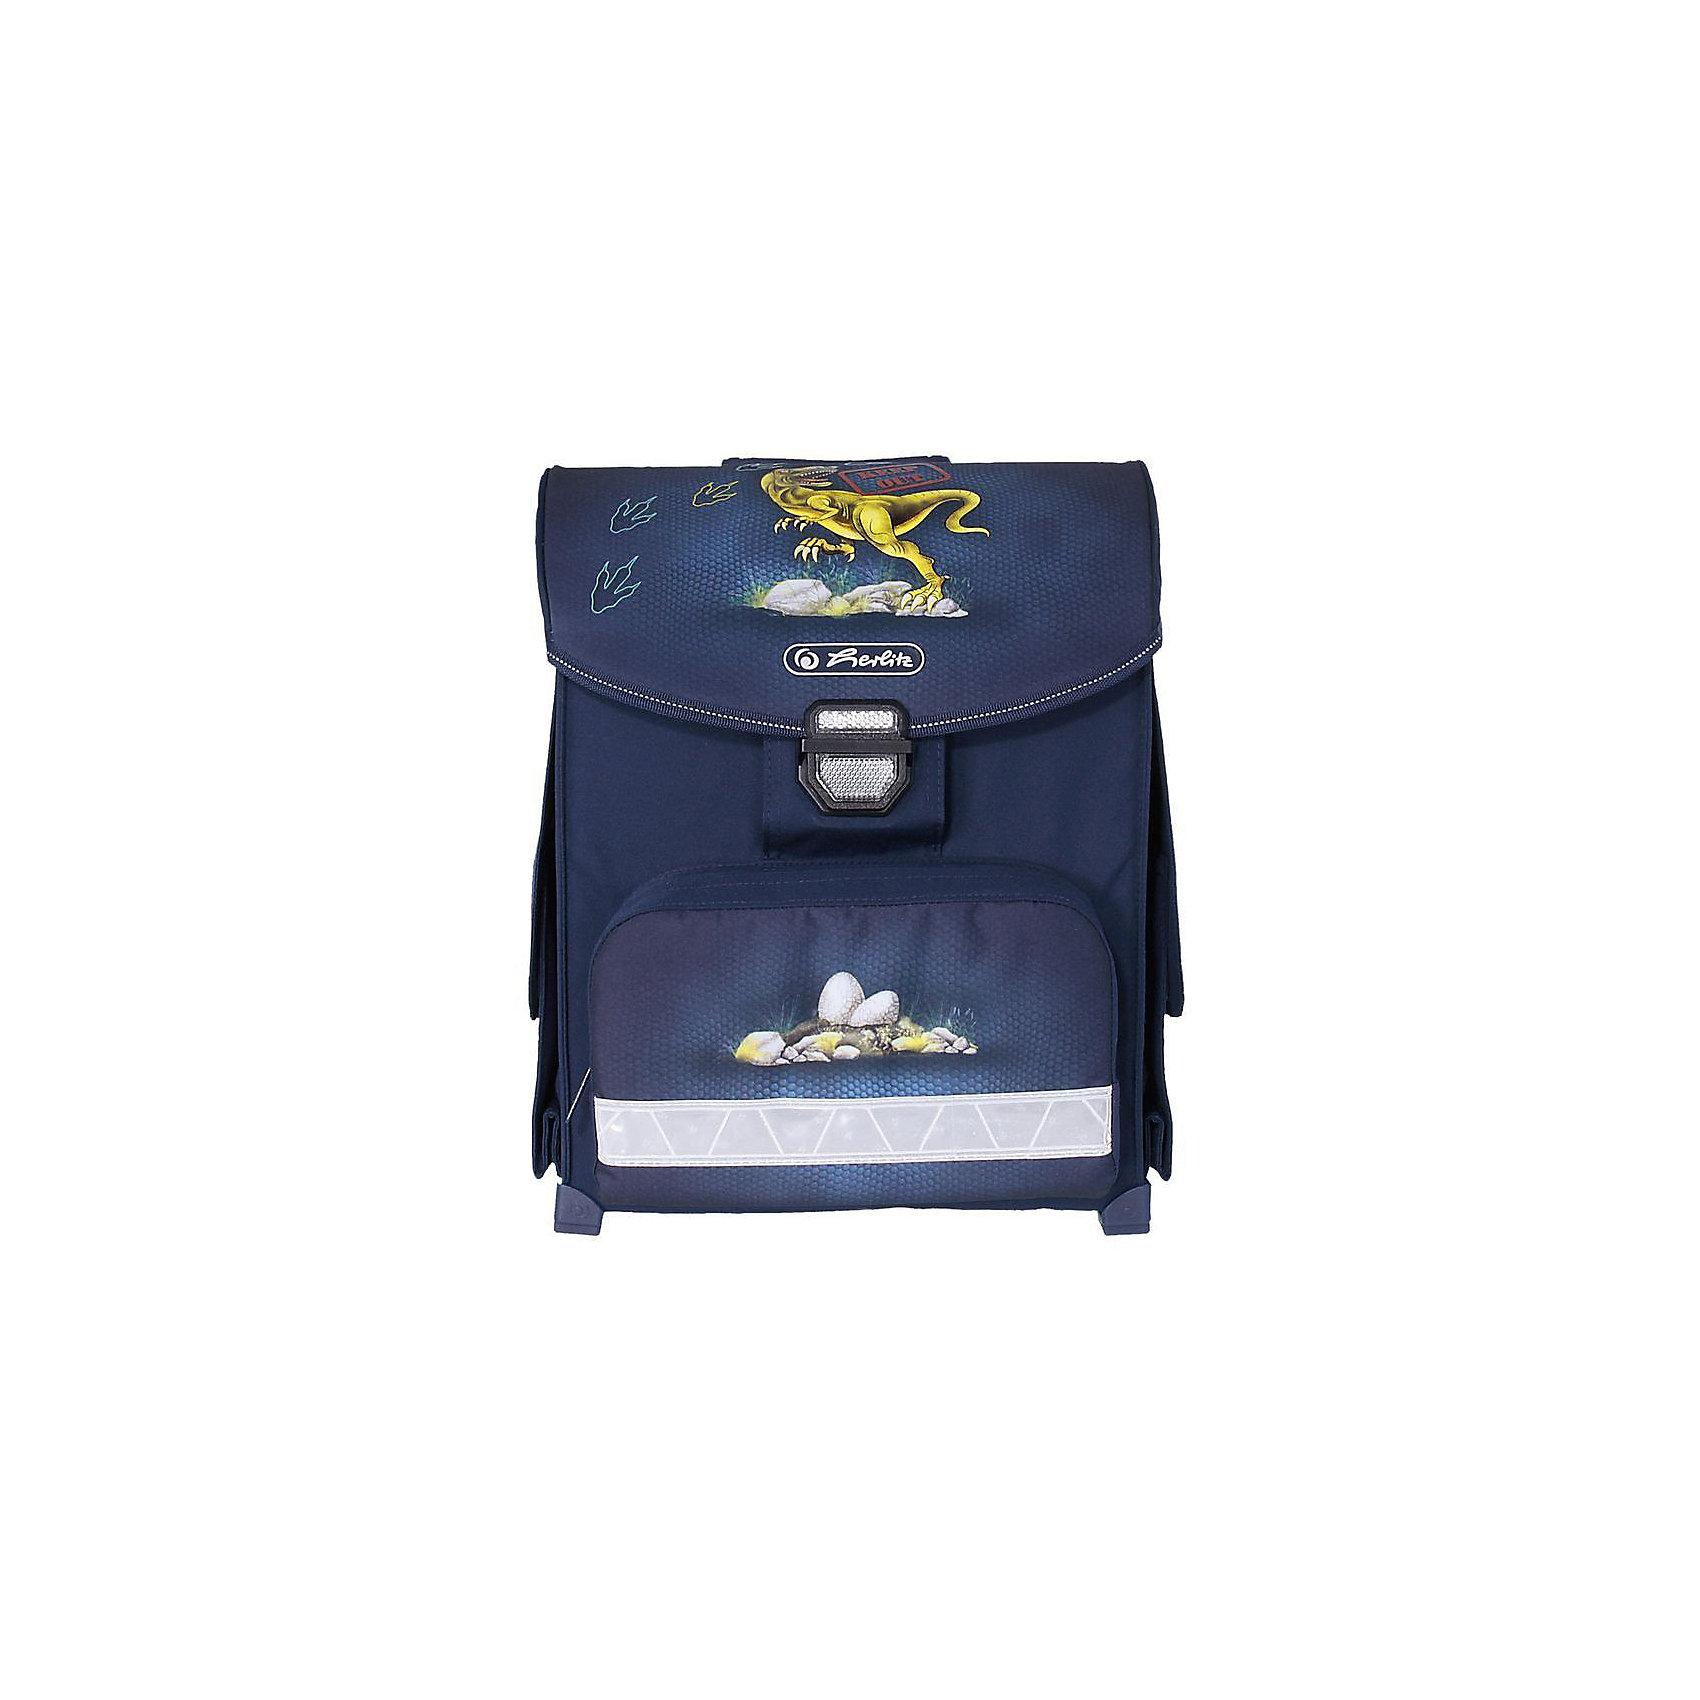 Ранец Herlitz SMART Dino, без наполненияРанцы<br>Ранец SMART Dino<br>Описание: размер 38х30х21см <br>-полиэстер<br>- замок-защелка легко открывается и закрывается благодаря специальному клапану,<br>- 2 внутренних отделения<br>- расписание уроков под крышкой ранца<br>- передний наружный карман на  «молнии»<br>- водоотталкивающая ткань<br>- светоотражатели 3M на переднем кармане, боковых карманах и лямках<br>- прочные пластиковые ножки, защищающие дно от загрязнения<br>- 2 боковых раскладывающихся кармана на «липучке»<br>- эргономичная спинка и уплотненные регулируемые лямки из вентилируемого материала.<br>лямки настраиваются  под  рост  ребенка                                                                     -вмещает А4                                                                                                         -вес 850г                                                                                                            объем 13л<br><br>Ширина мм: 300<br>Глубина мм: 380<br>Высота мм: 210<br>Вес г: 950<br>Возраст от месяцев: 72<br>Возраст до месяцев: 120<br>Пол: Мужской<br>Возраст: Детский<br>SKU: 5595050